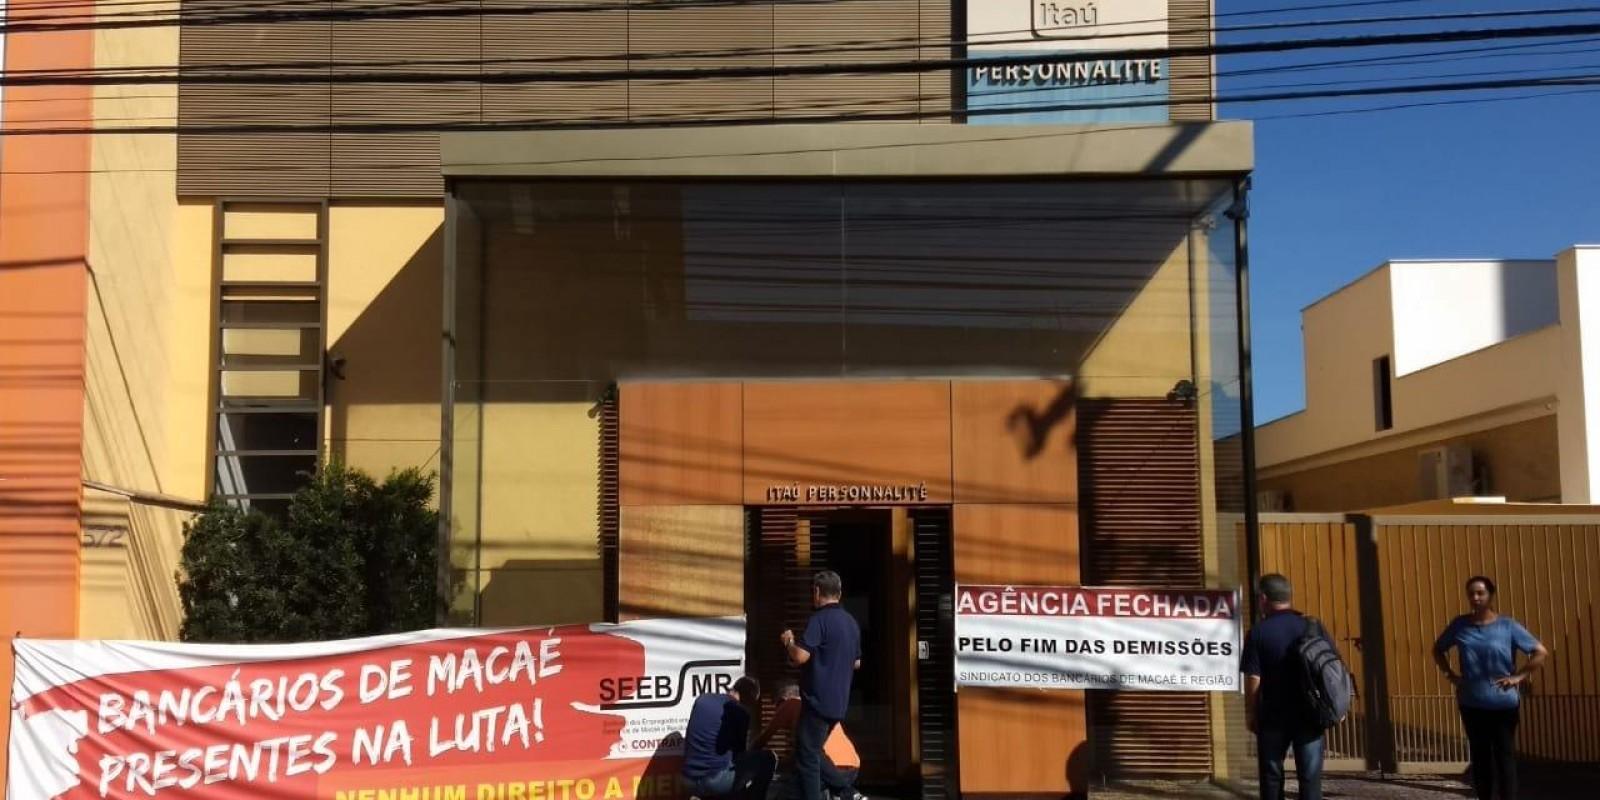 Itaú demite funcionária com estabilidade assegurada por lei